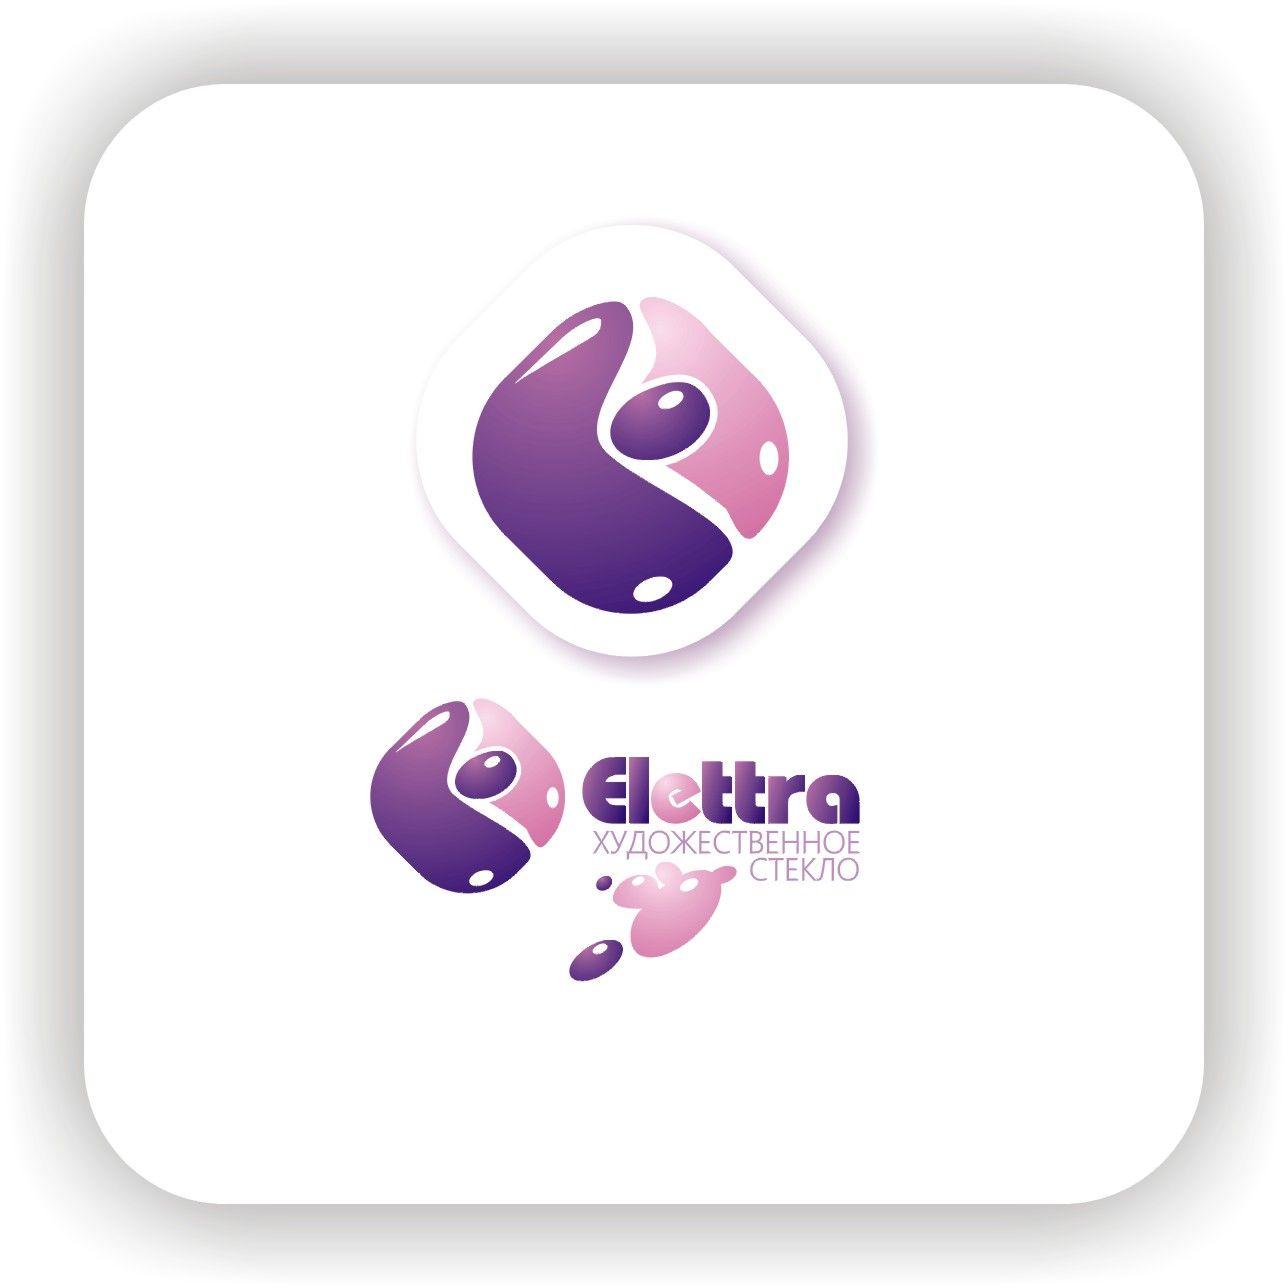 Логотип Elettra - стекольное производство - дизайнер Nikus